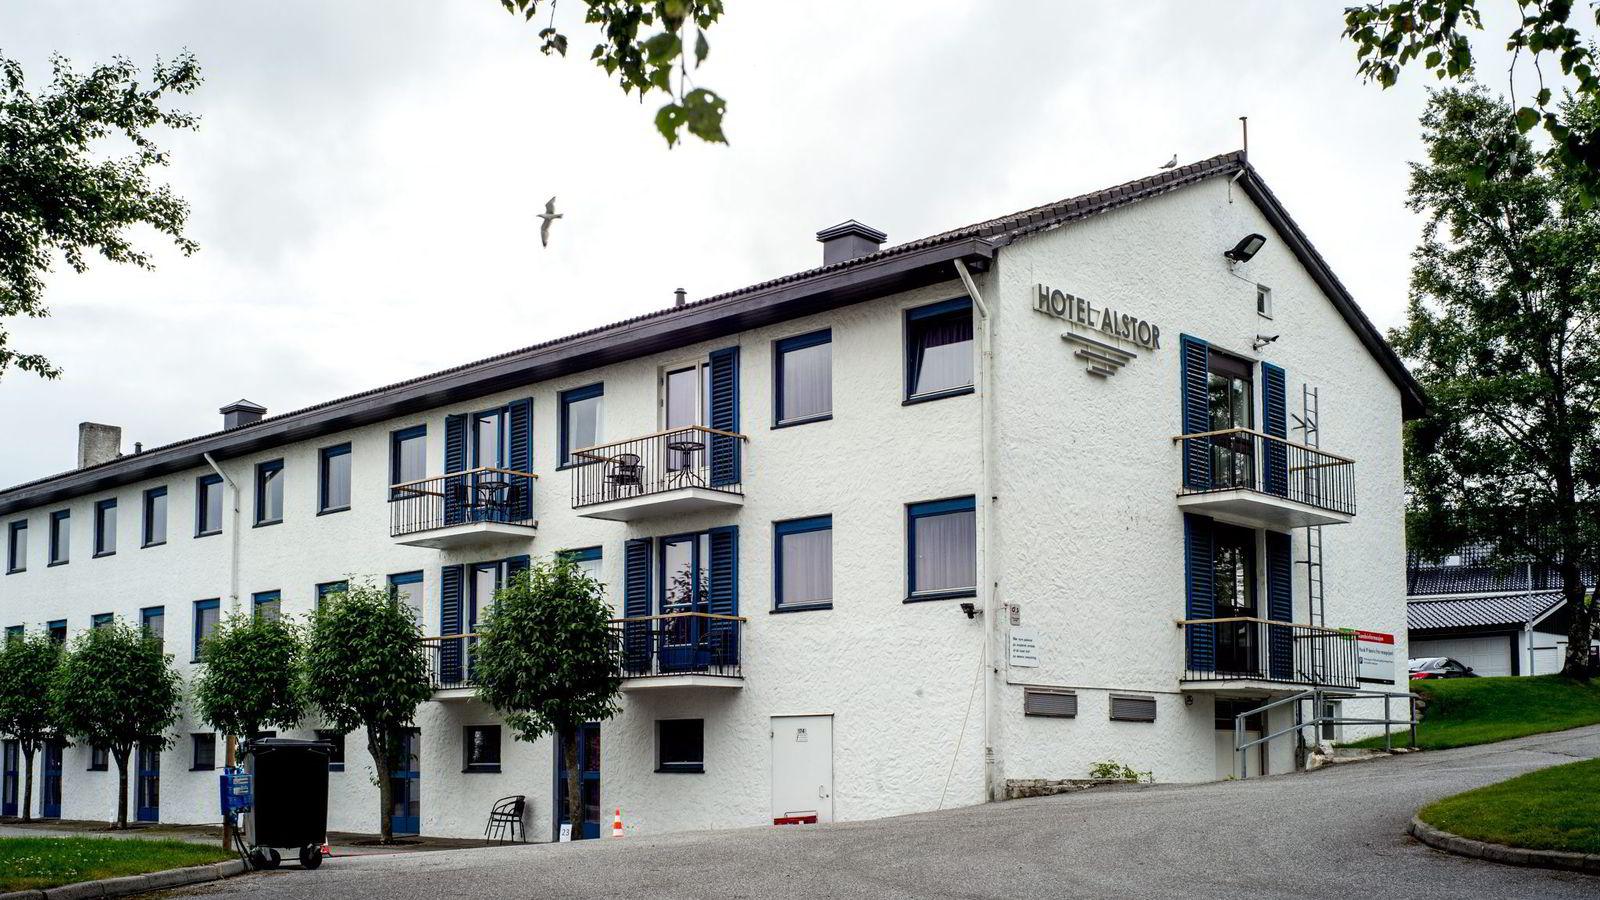 Petter Smedvig Hagland investerer for første gang stort i hjembyen Stavanger. Et boligprosjekt til over en halv milliard kroner planlegges her.